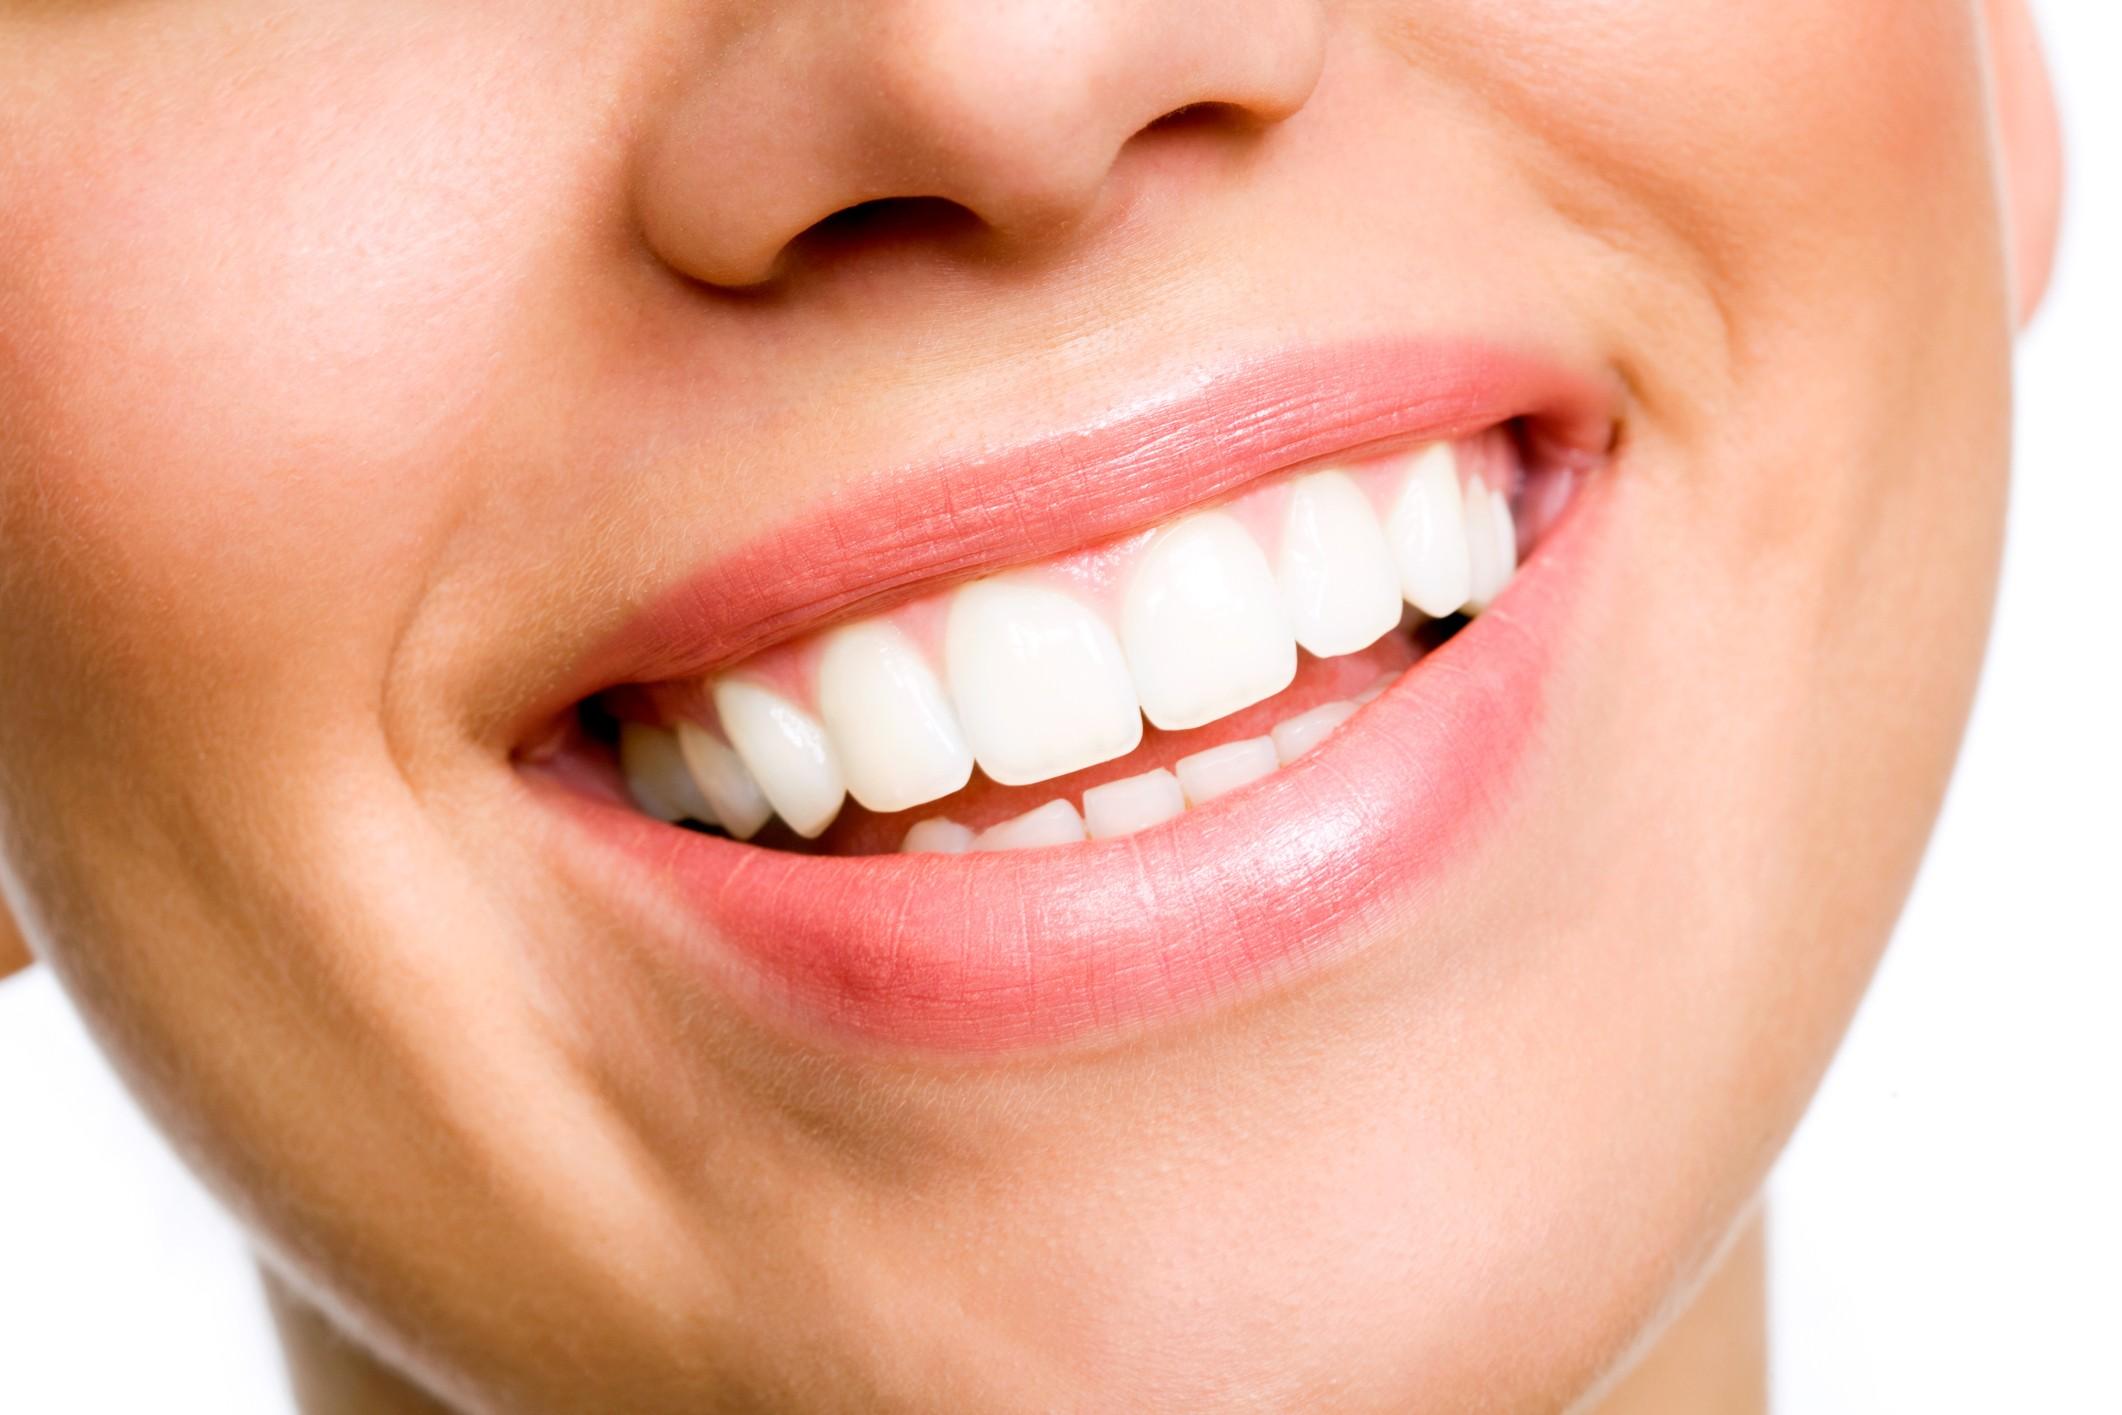 sonrisa-blanca-vivir-salud